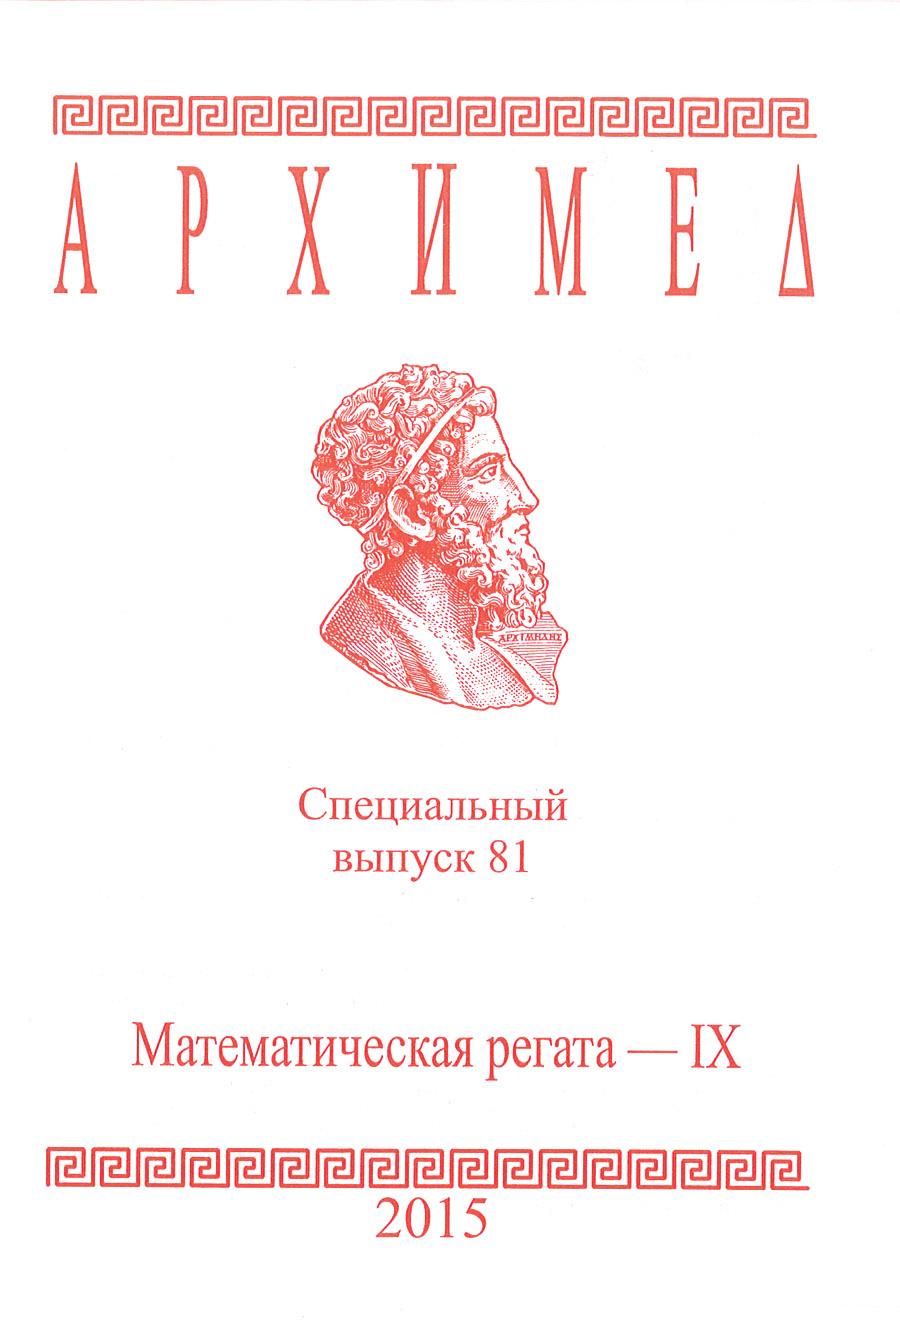 Архимед. Математическая регата-9. Специальный выпуск 81